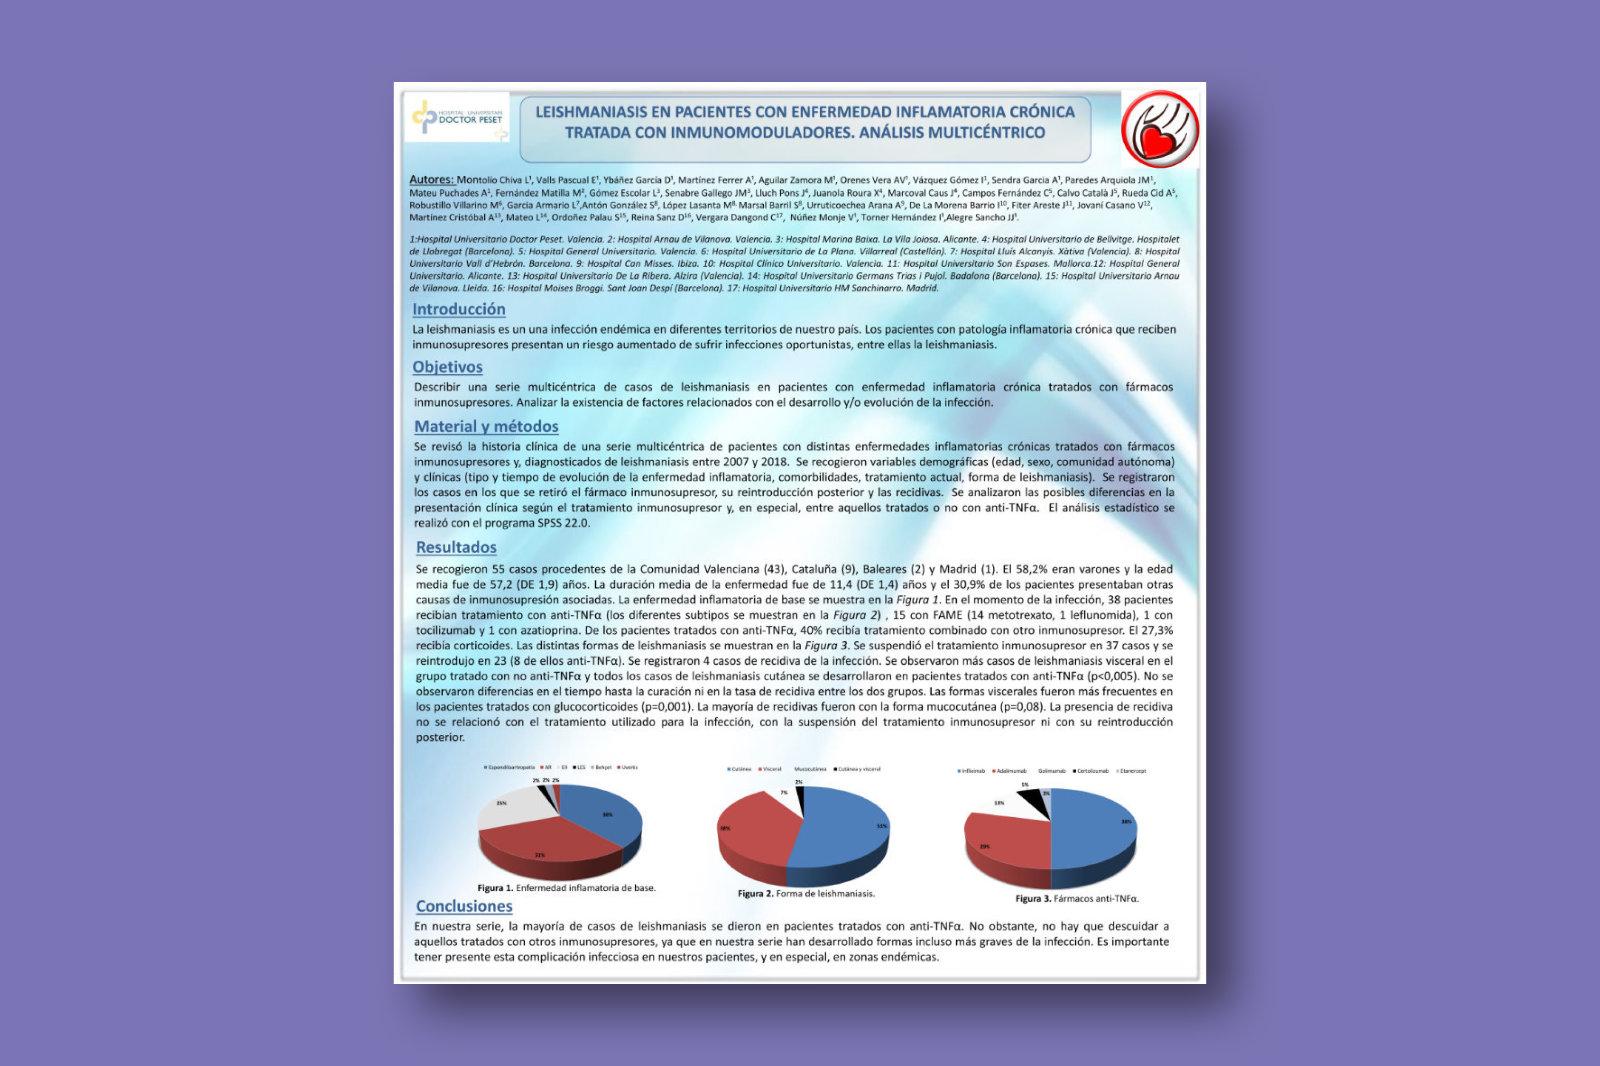 Leishmaniasis en pacientes con enfermedad inflamatoria crónica tratada con inmunomoduladores. Análisis multicéntrico